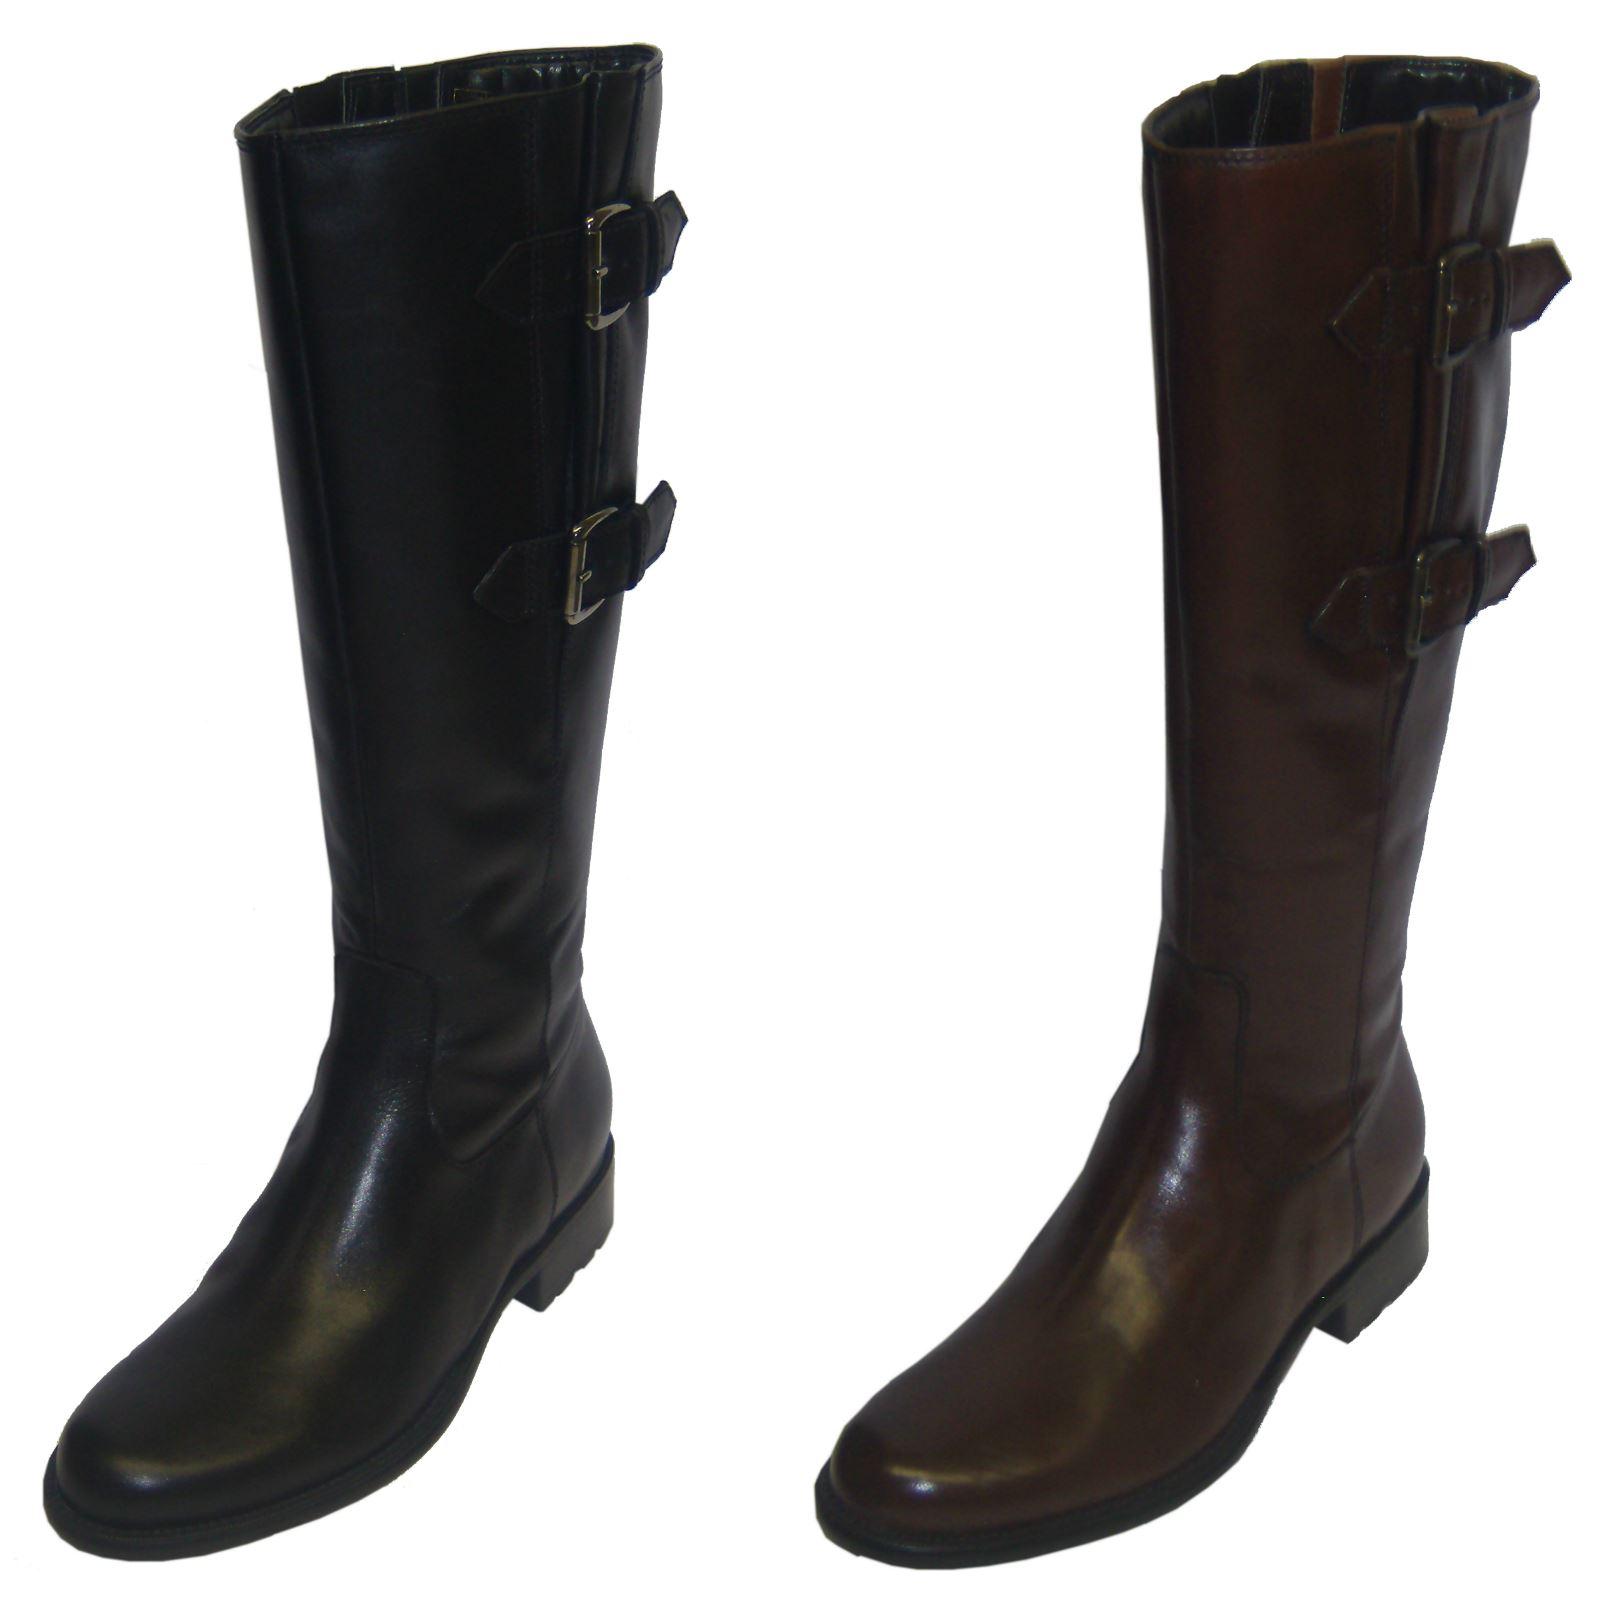 c23870a802bf6 Las señoras Van Dal ecuestre estilo botas de Danni